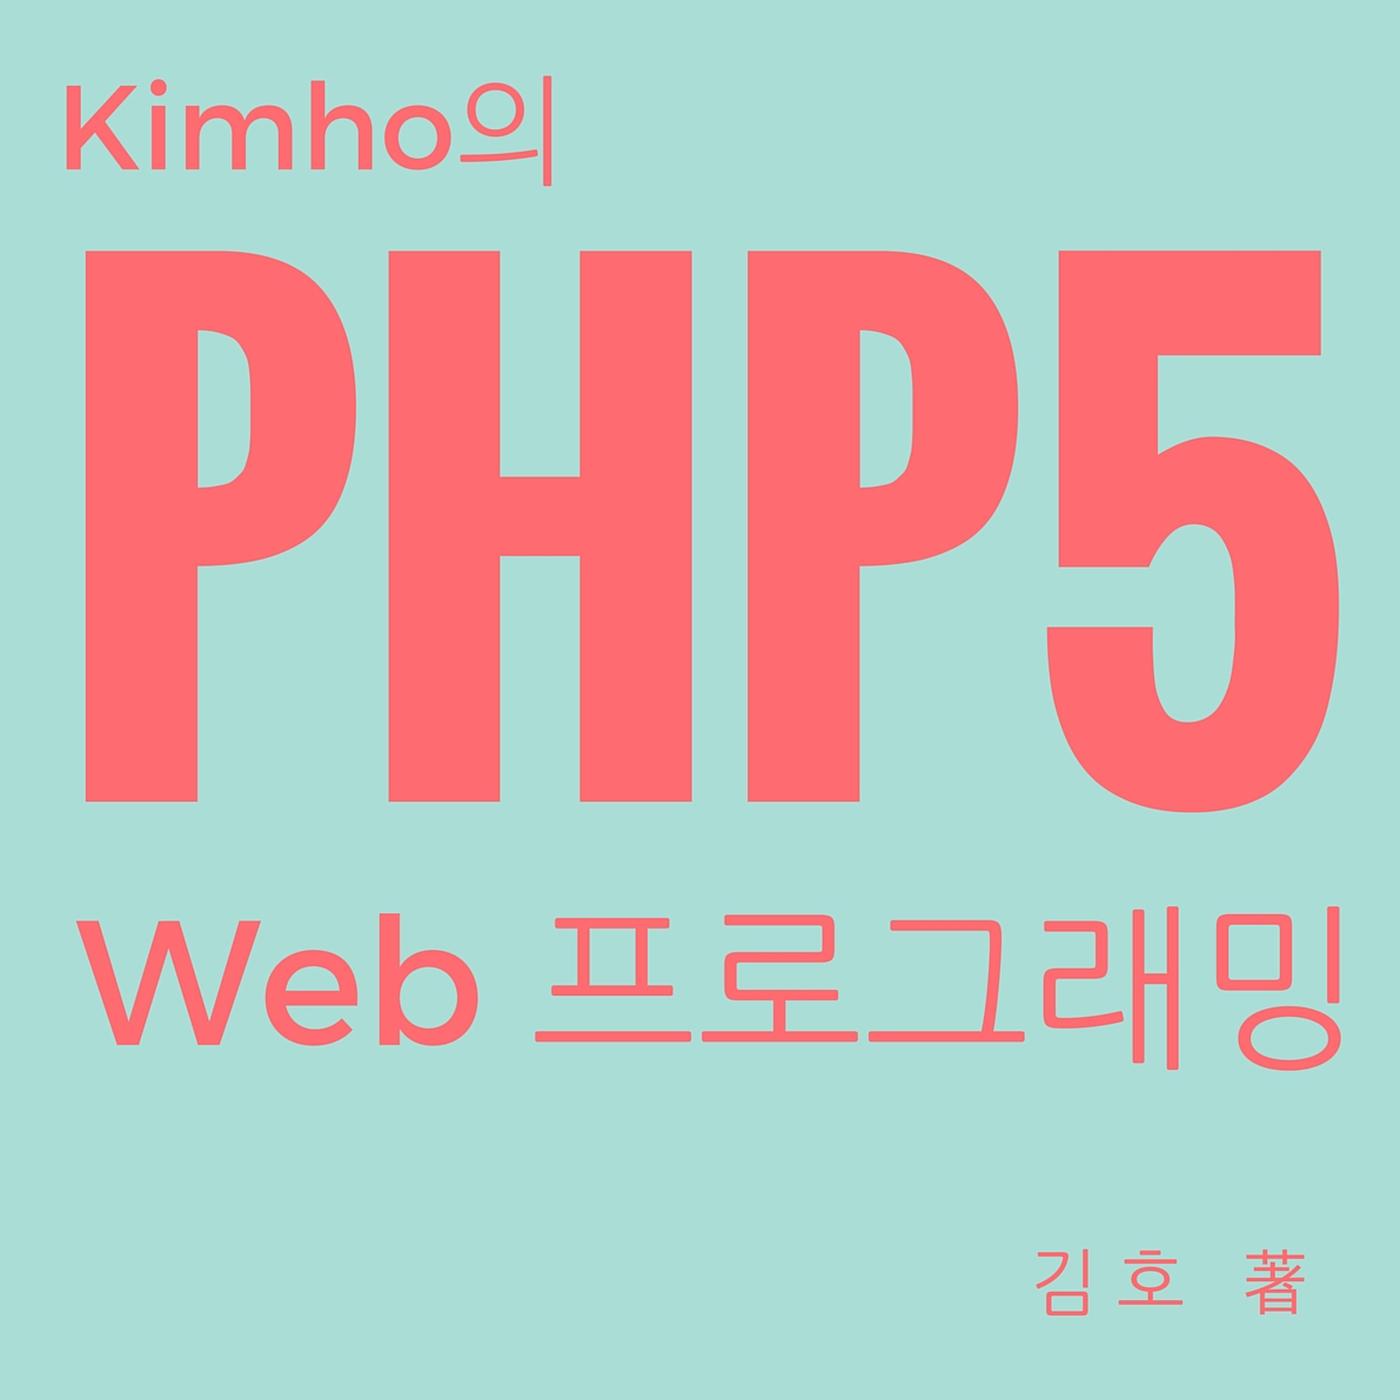 Kimho의 PHP5 웹프로그래밍 – kimho.pe.kr